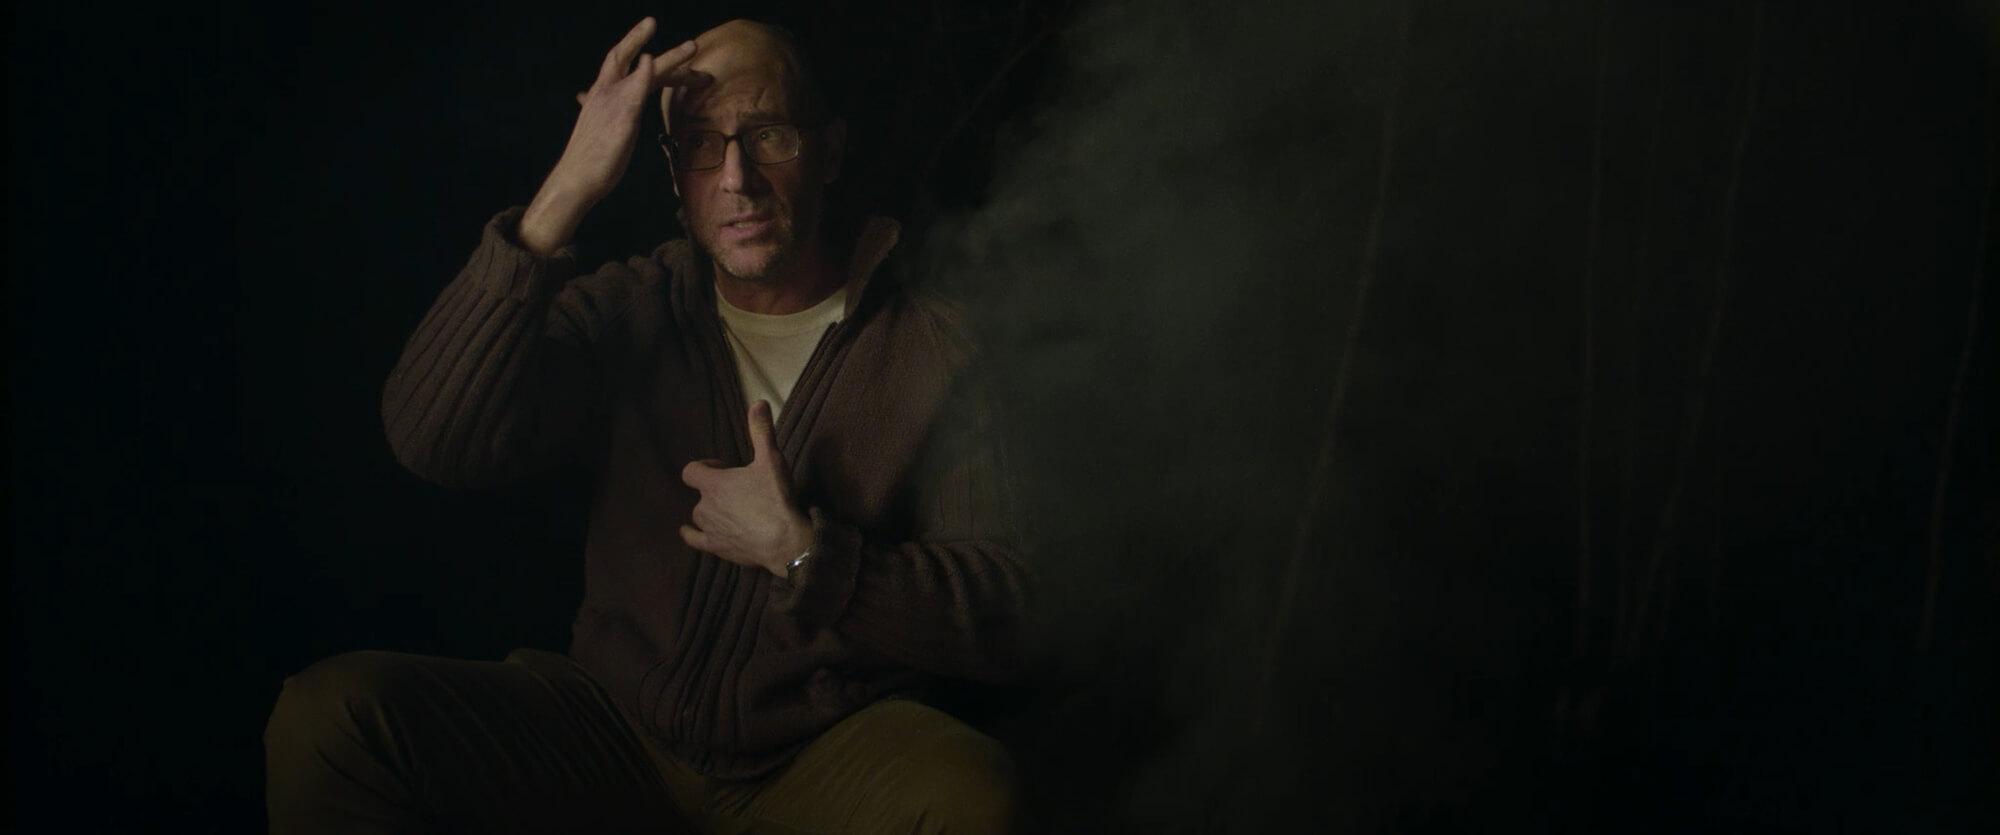 Film still from Silence & Darkness (2020)